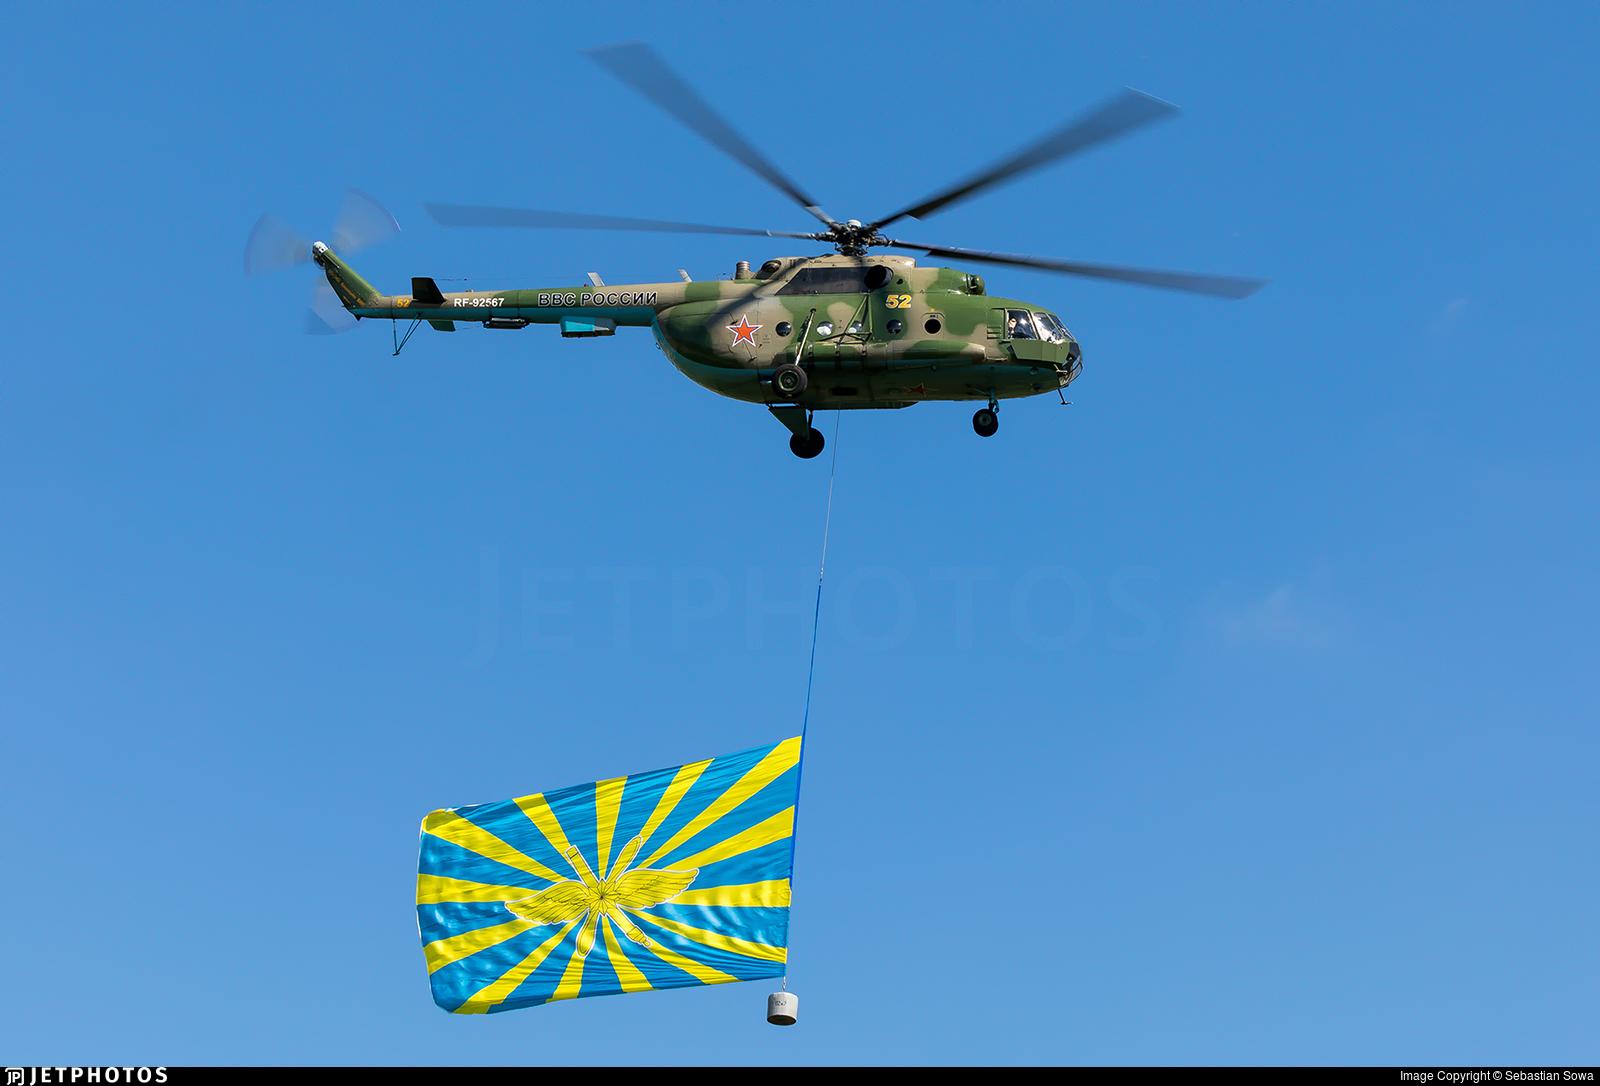 RF-92567 - Mil Mi-8MT Hip - Russia - Air Force